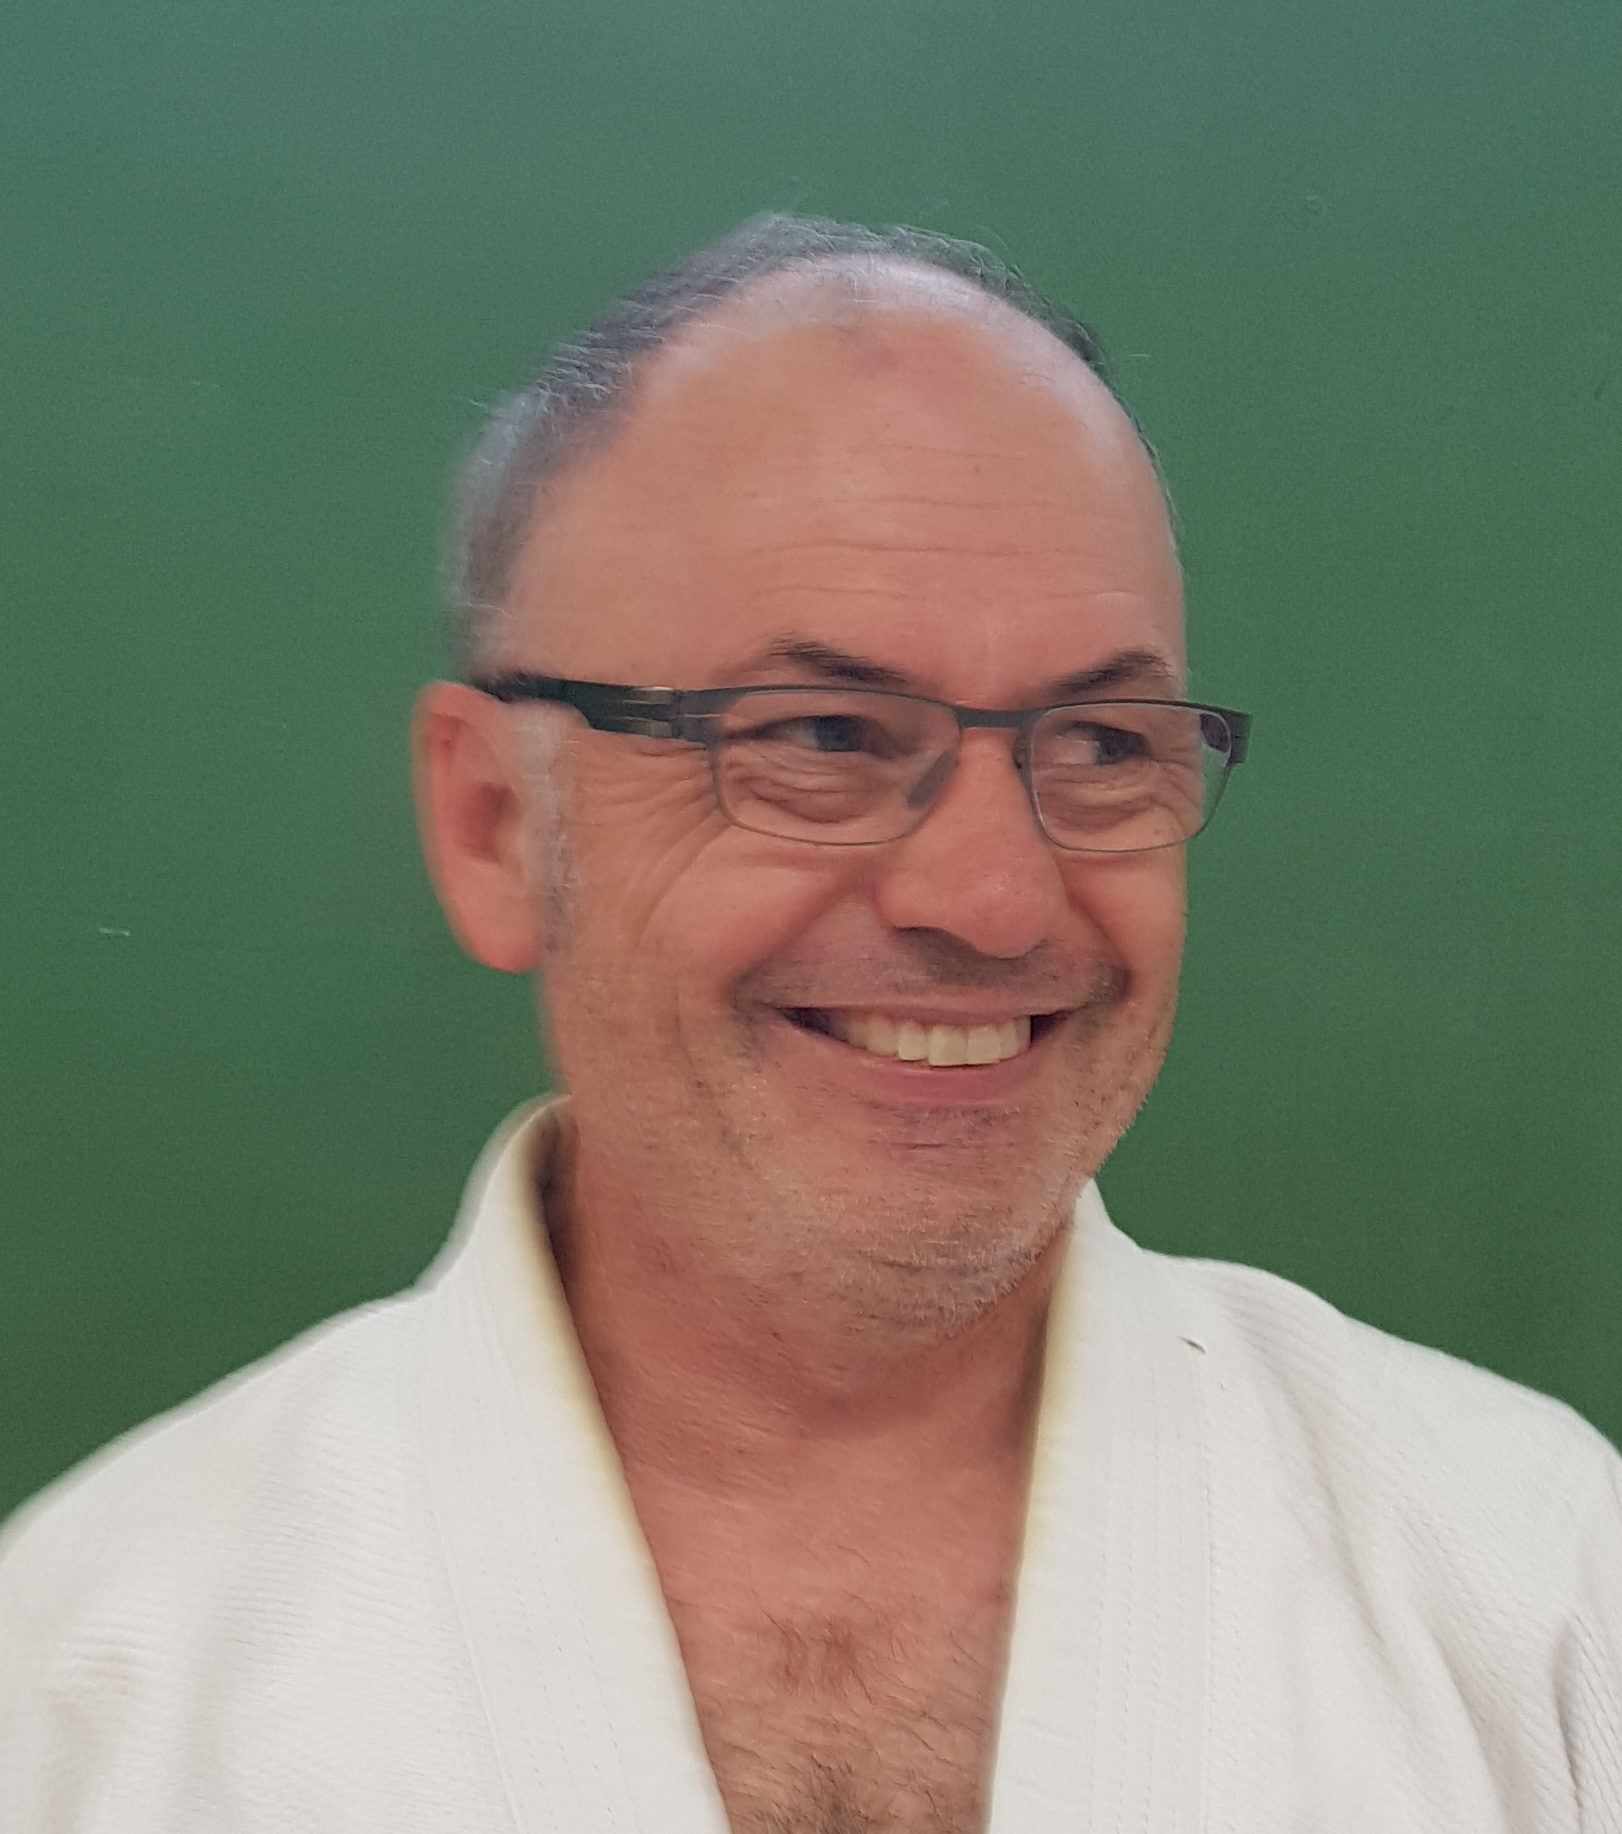 Liam Venter